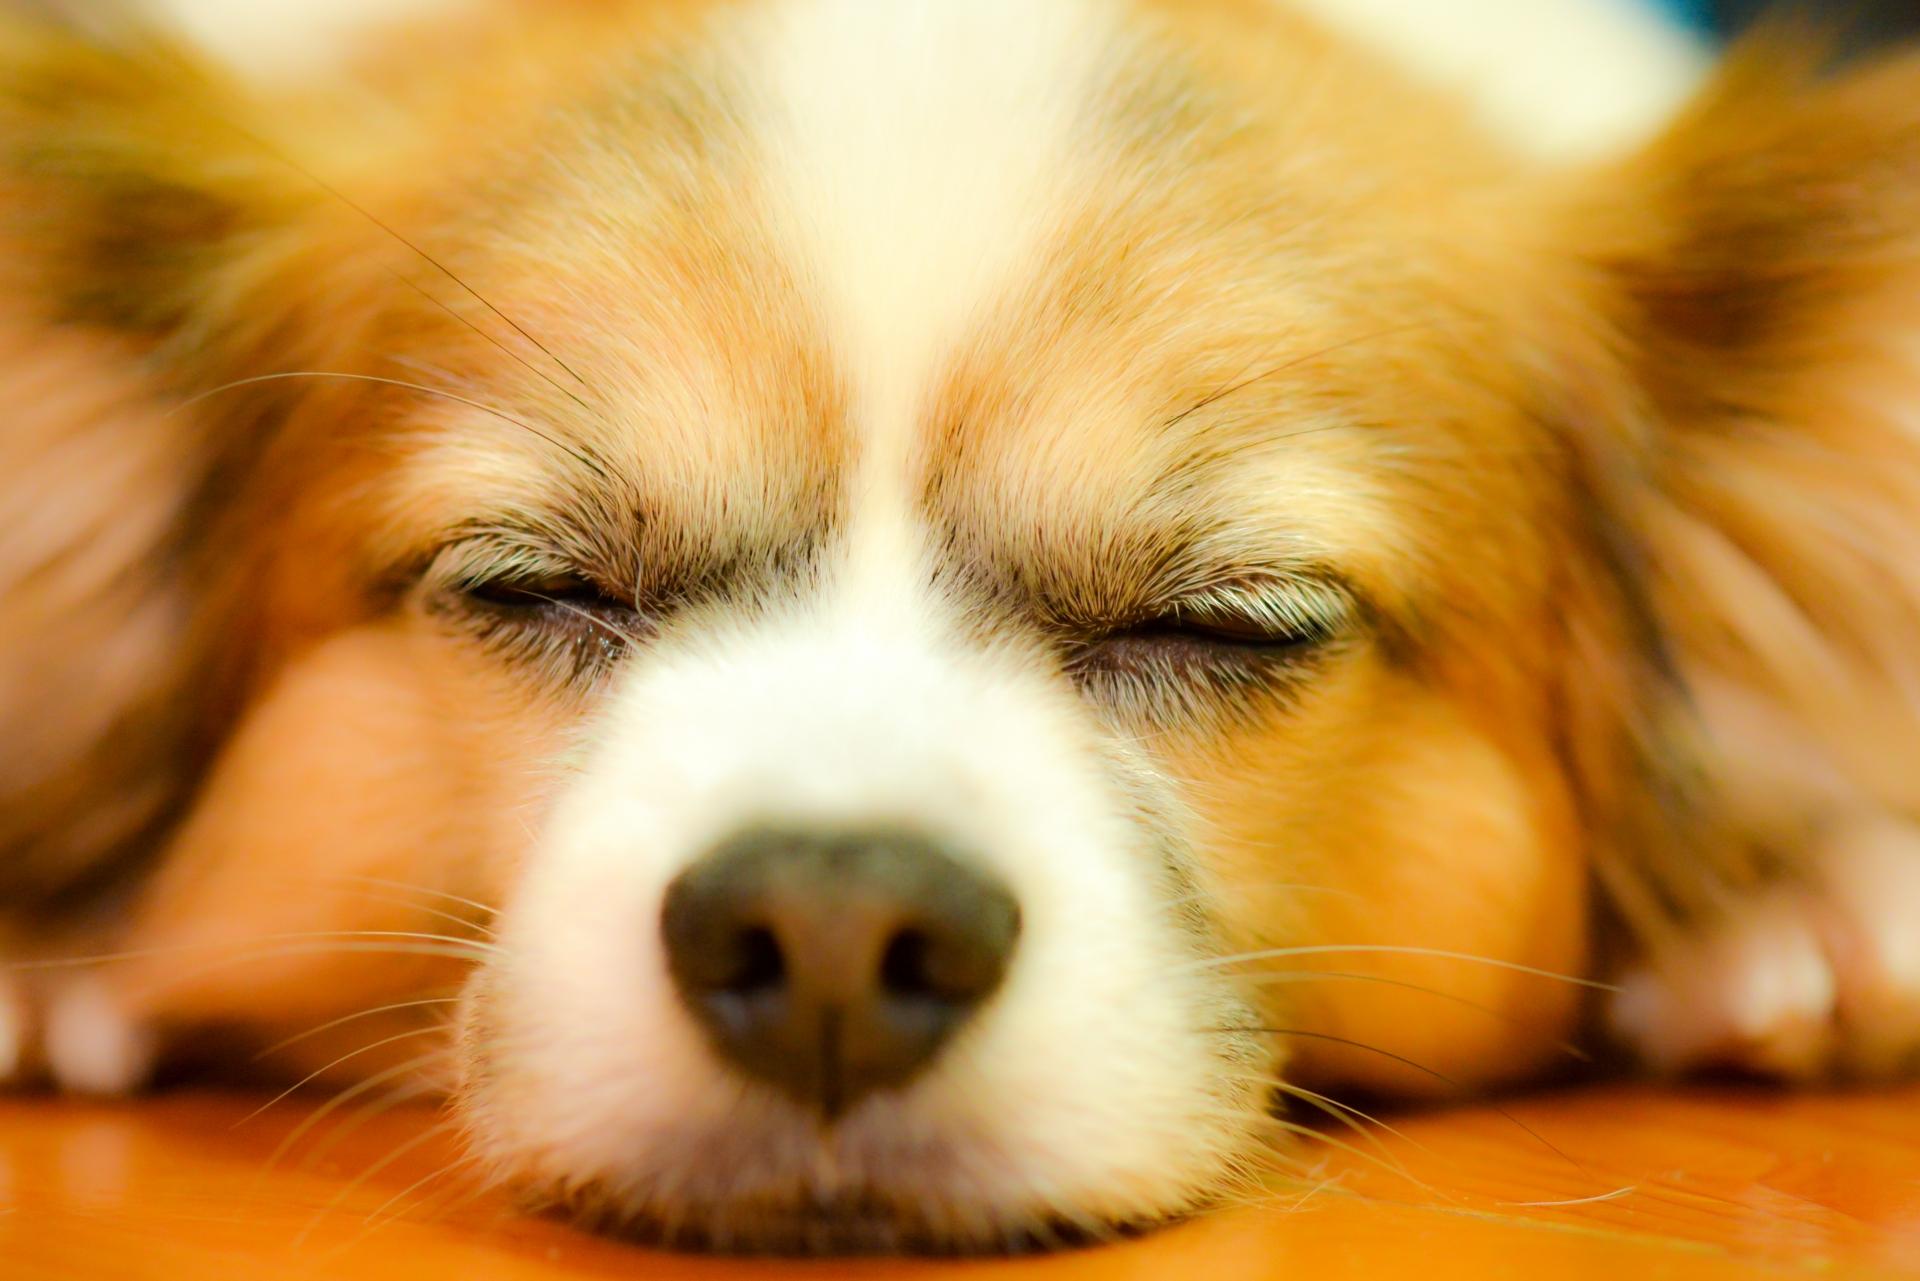 睡眠時間の理想は何時間?スッキリするベストタイムは7.5時間!